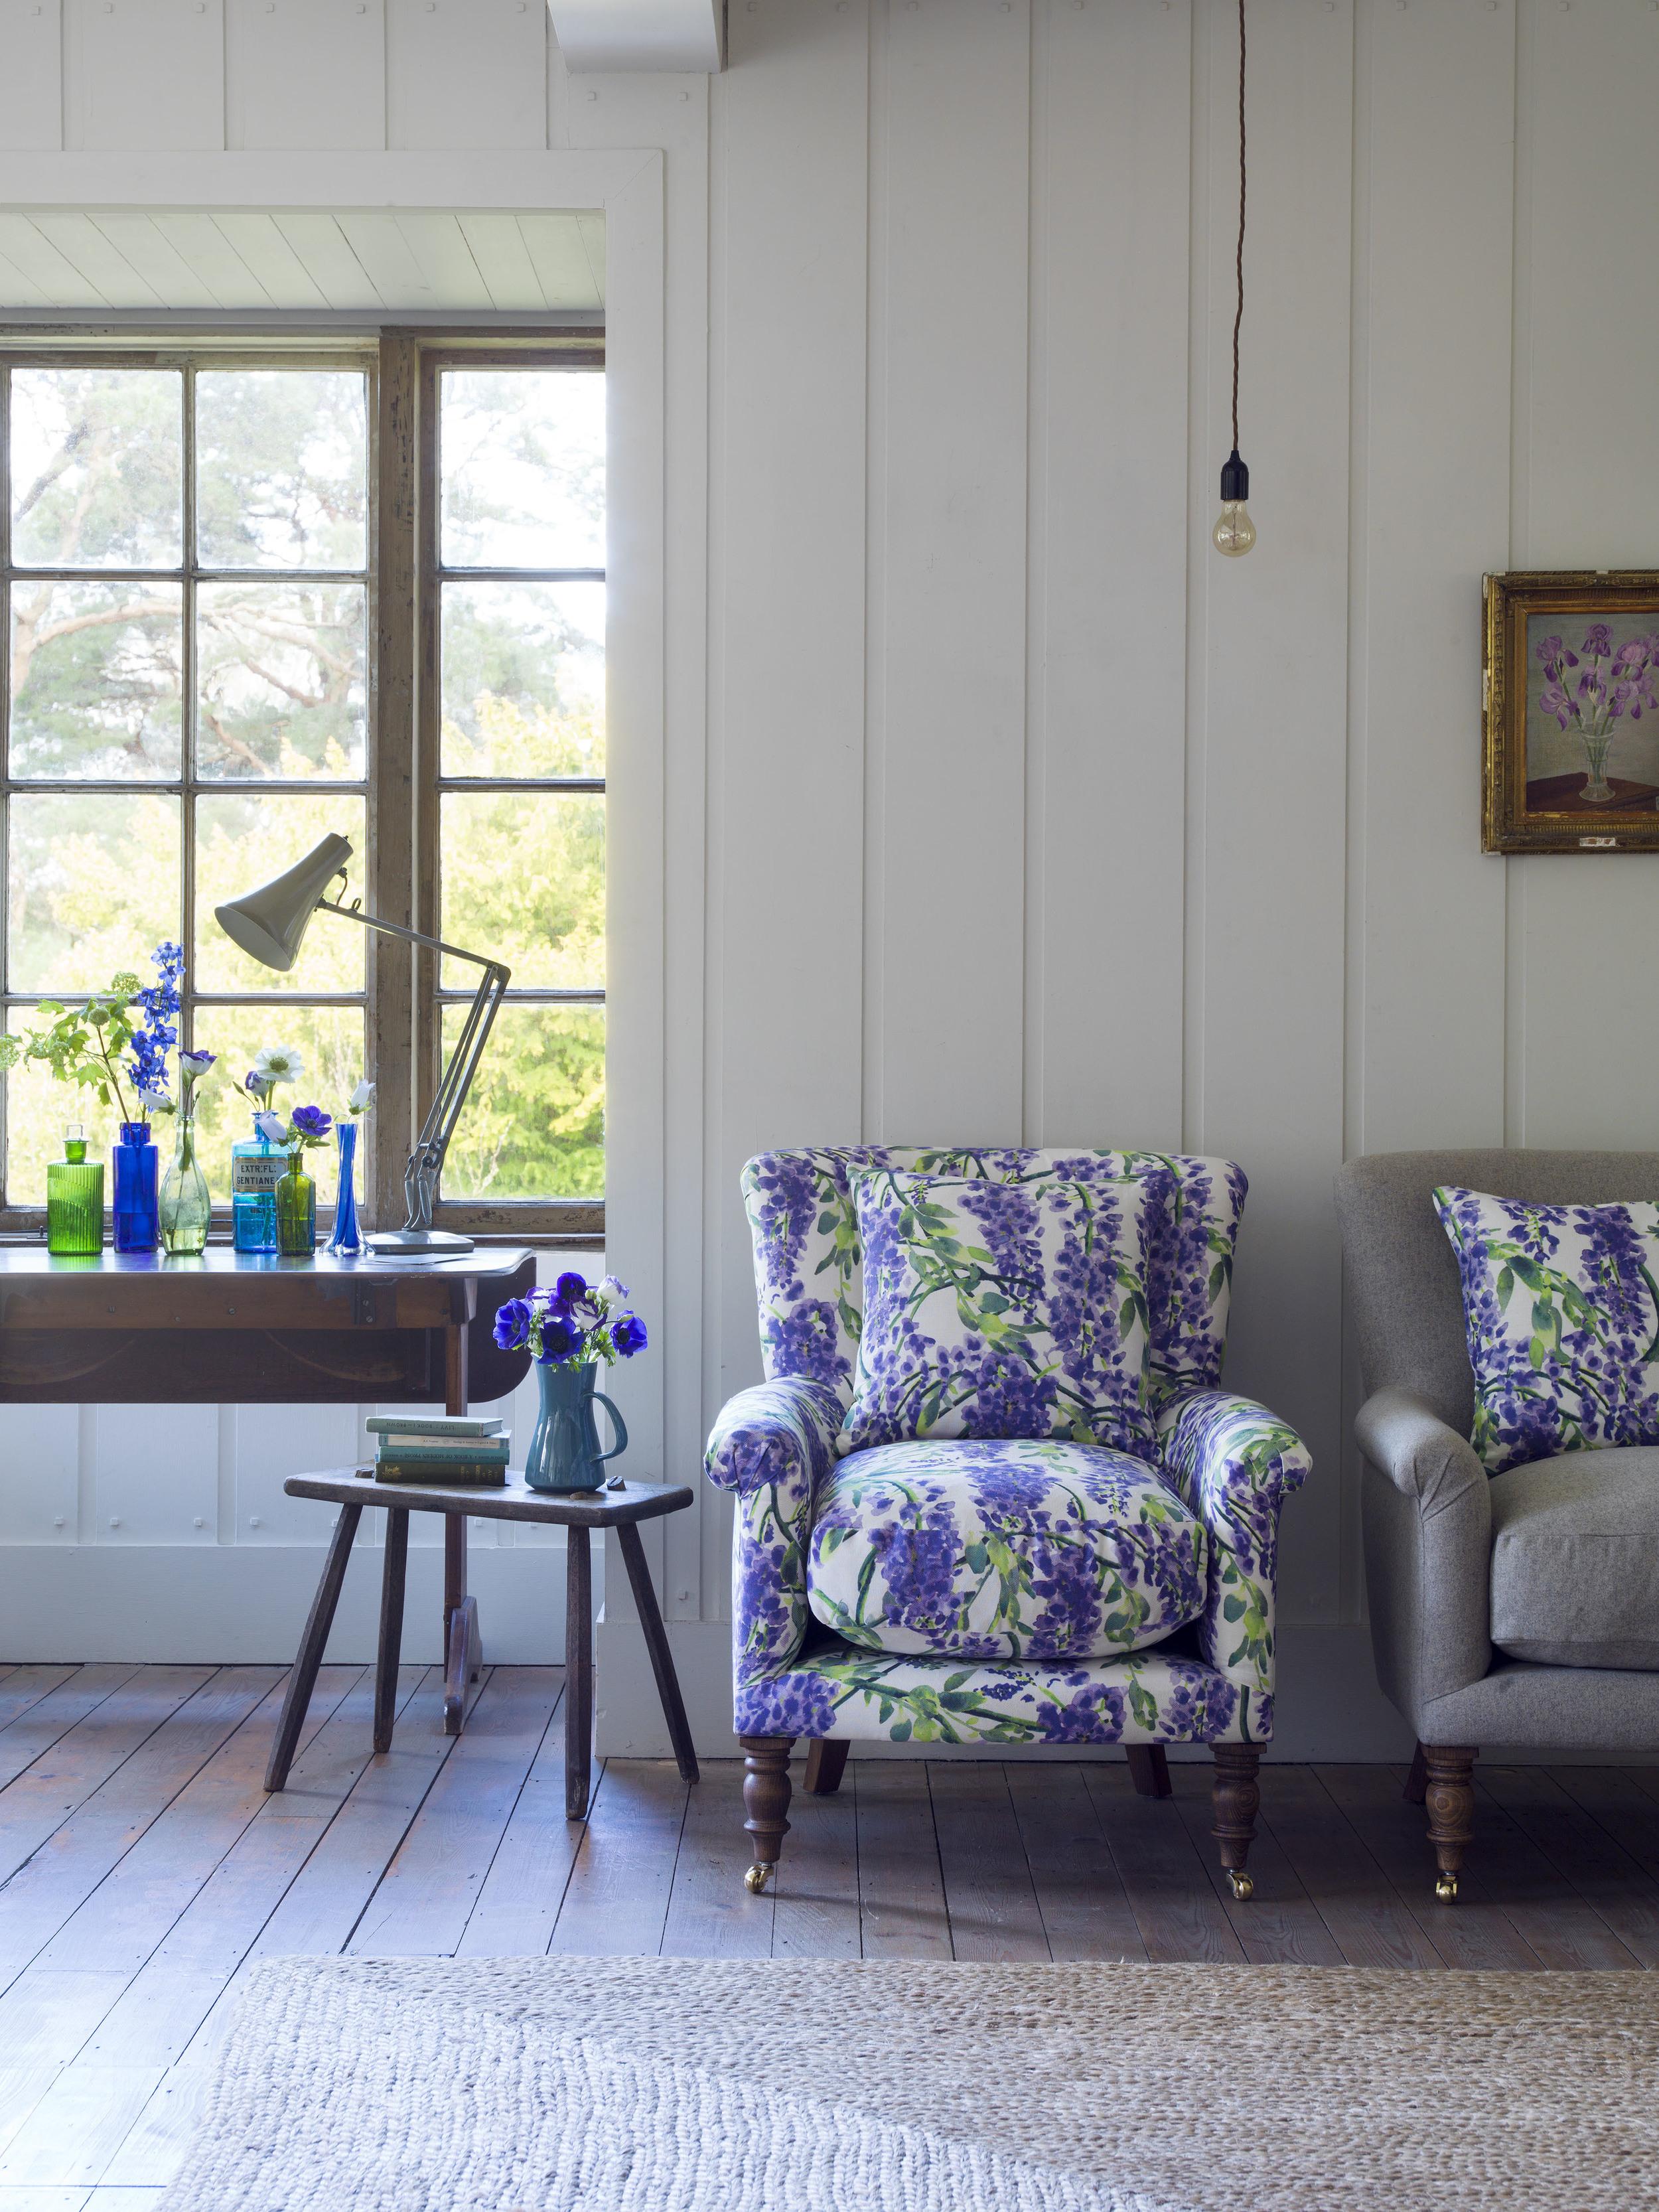 sofa.com Alderney Armchair in Design Lab Occipinti Wisteria White and Purple.jpg